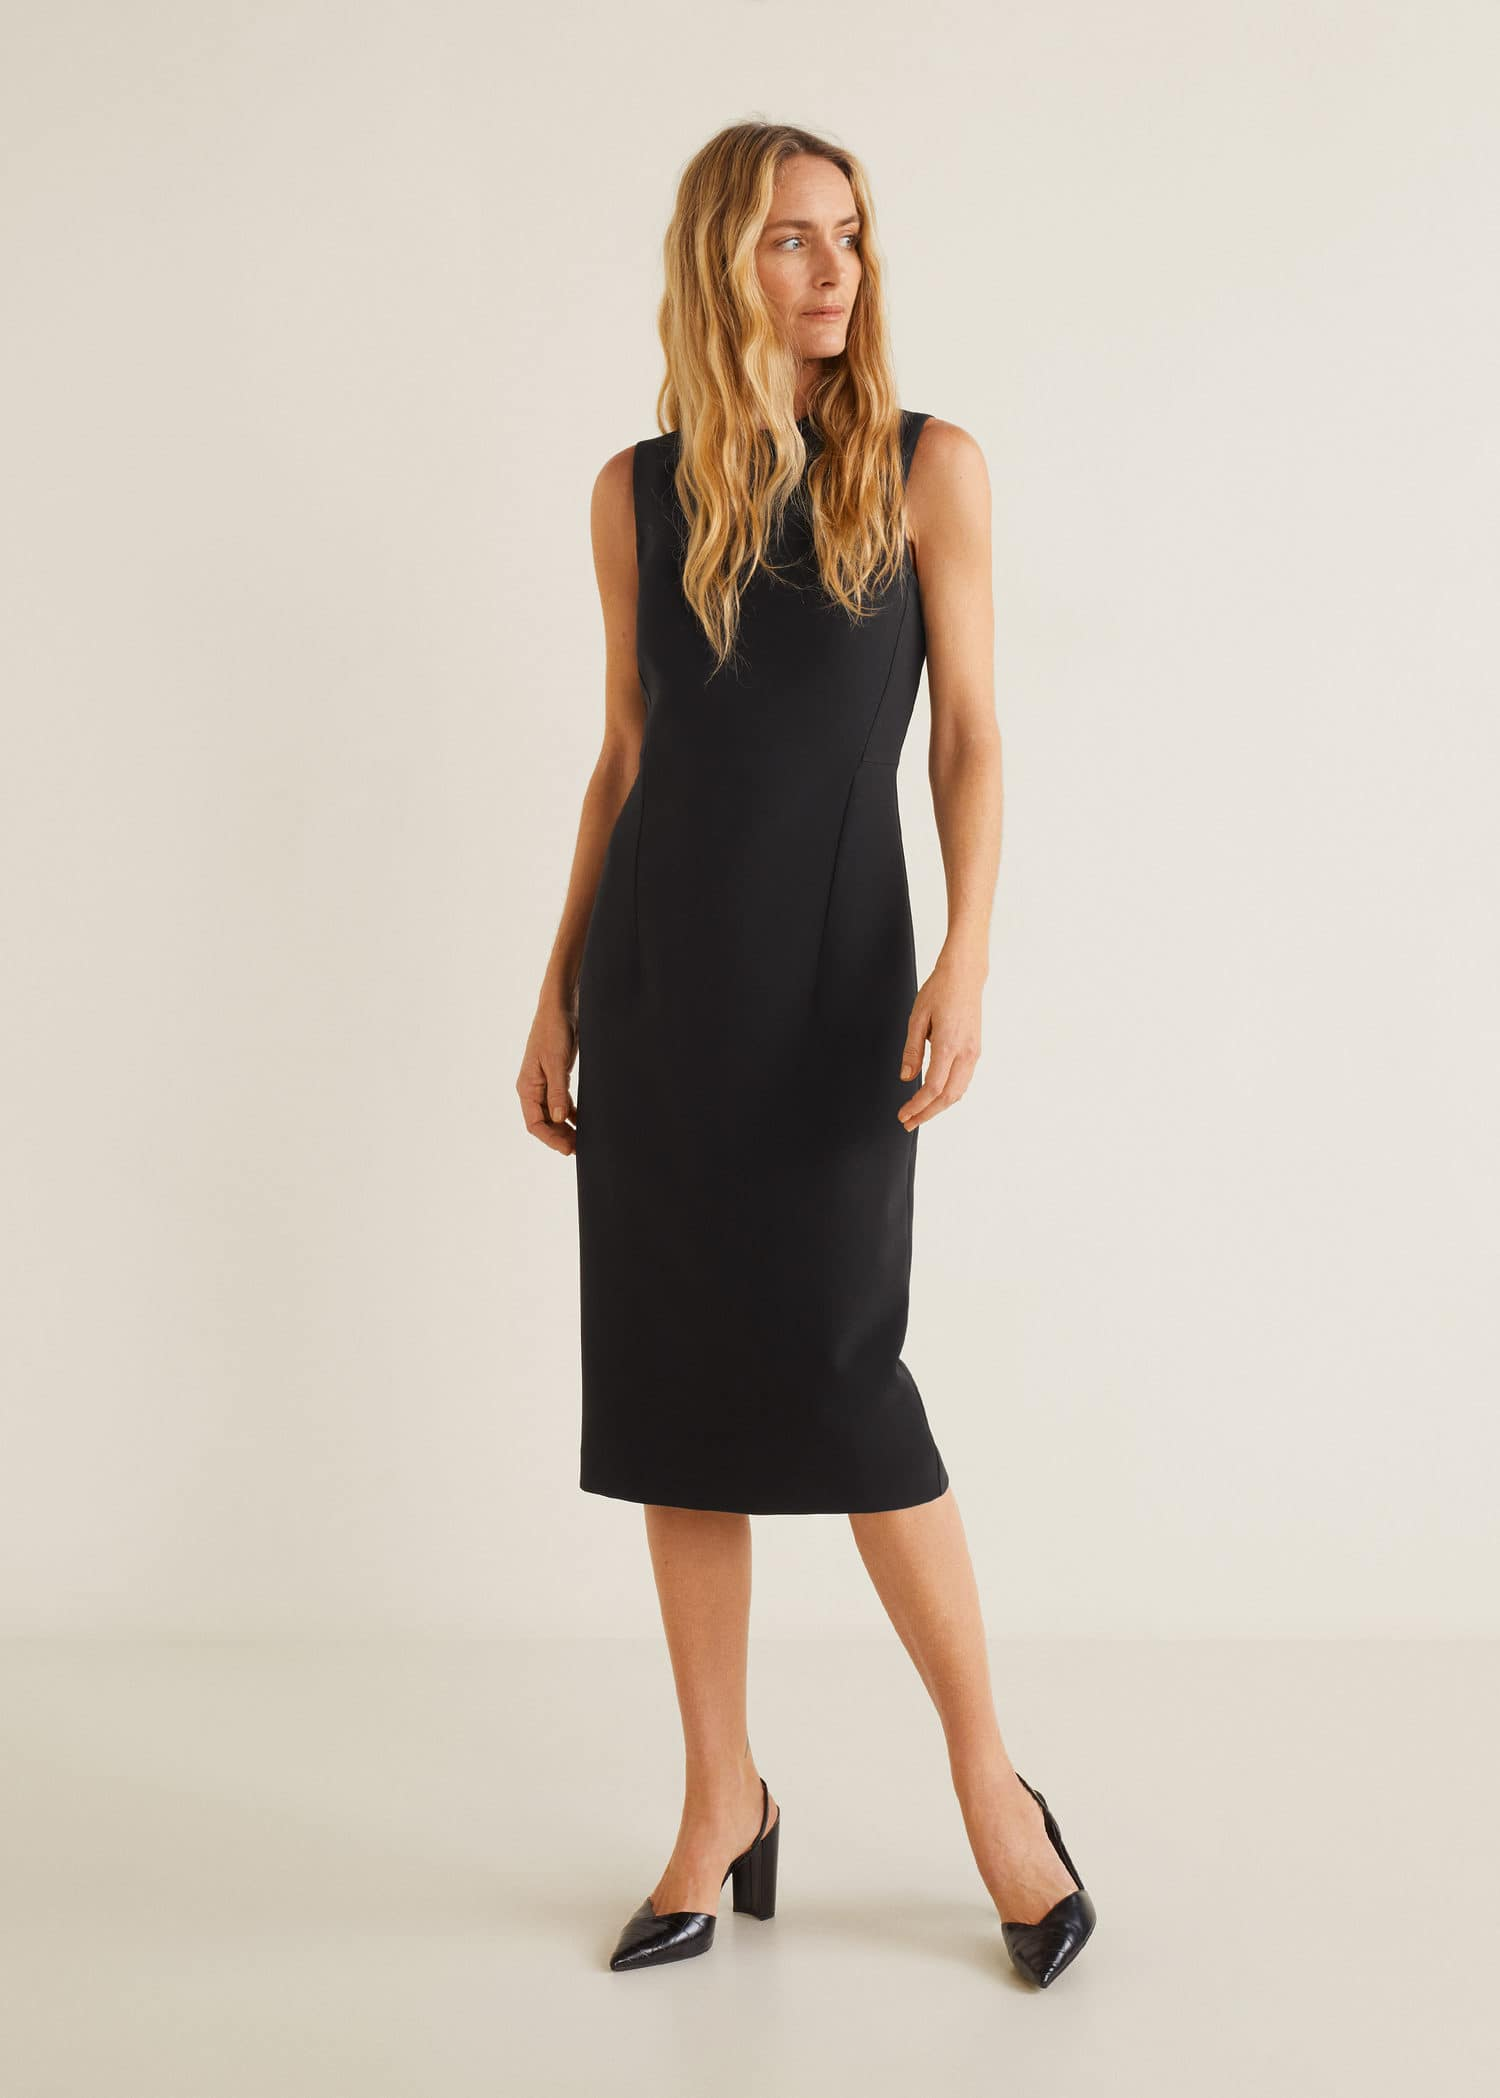 Vestidos de fiesta cortos baratos en barcelona